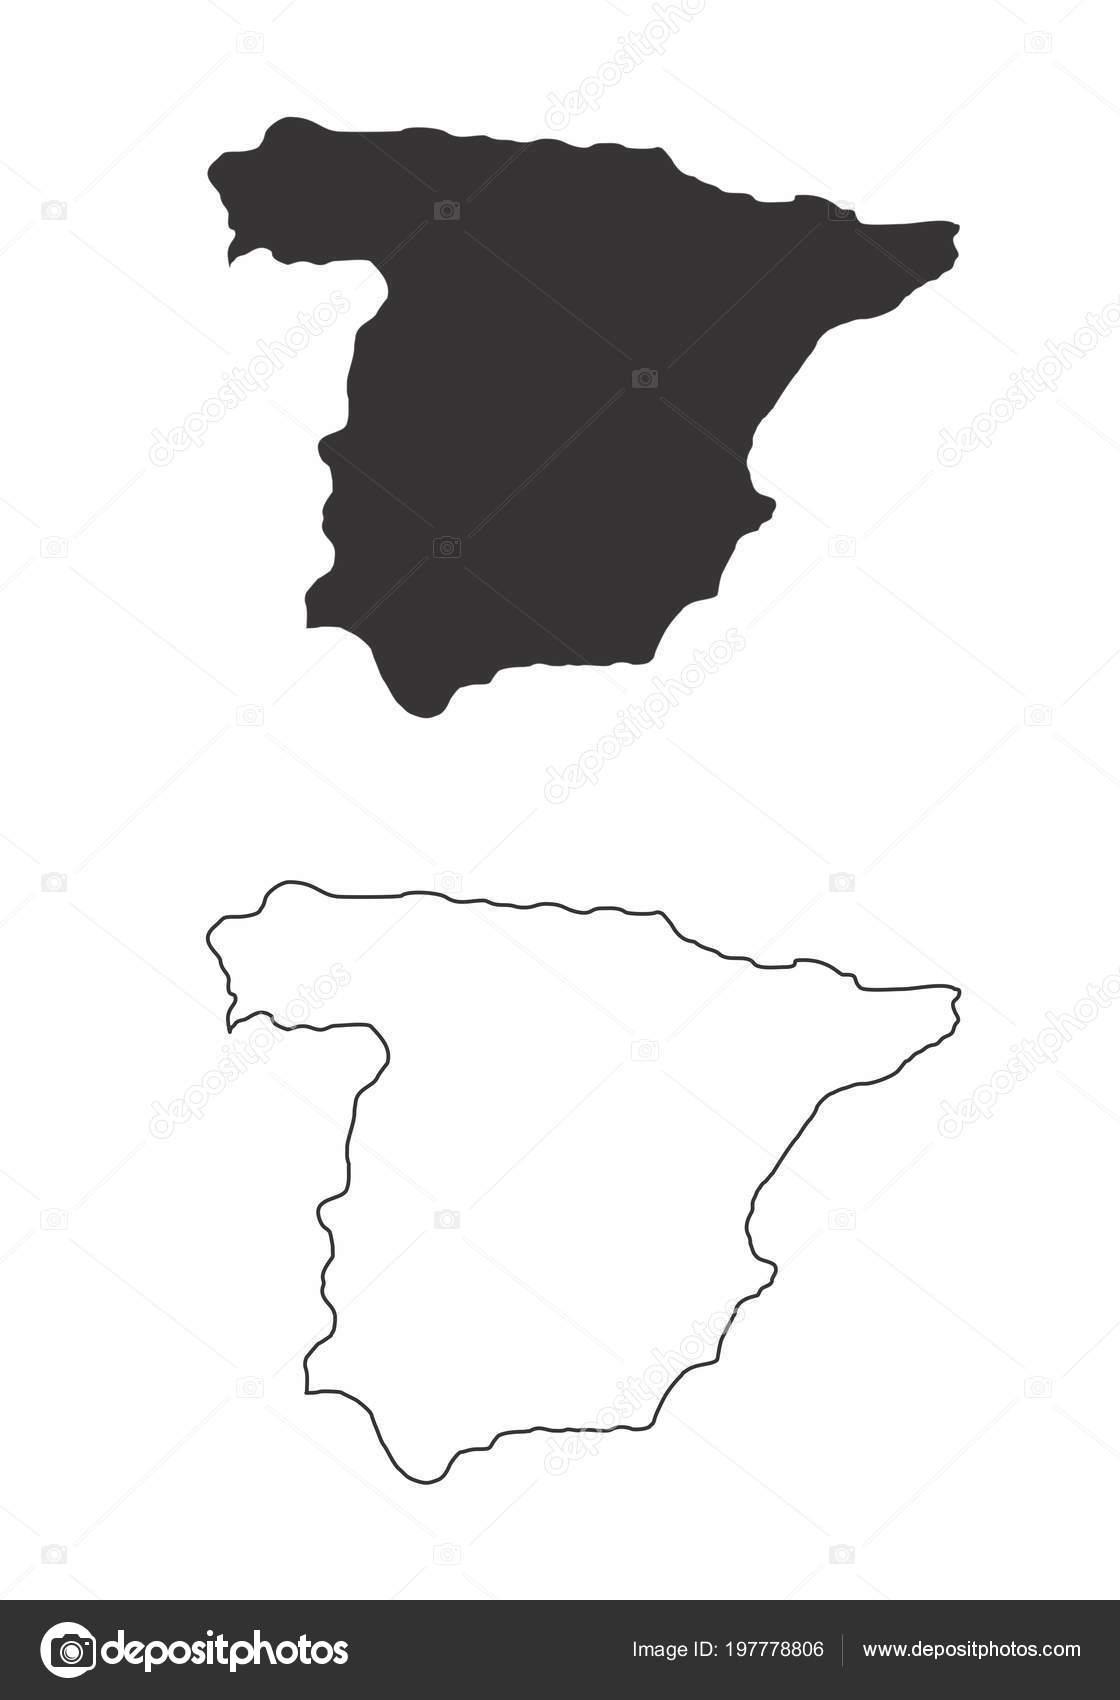 Spanien Karte Schwarz Weiß.Vereinfachte Karten Von Spanien Schwarz Weiß Umrisse Stockvektor